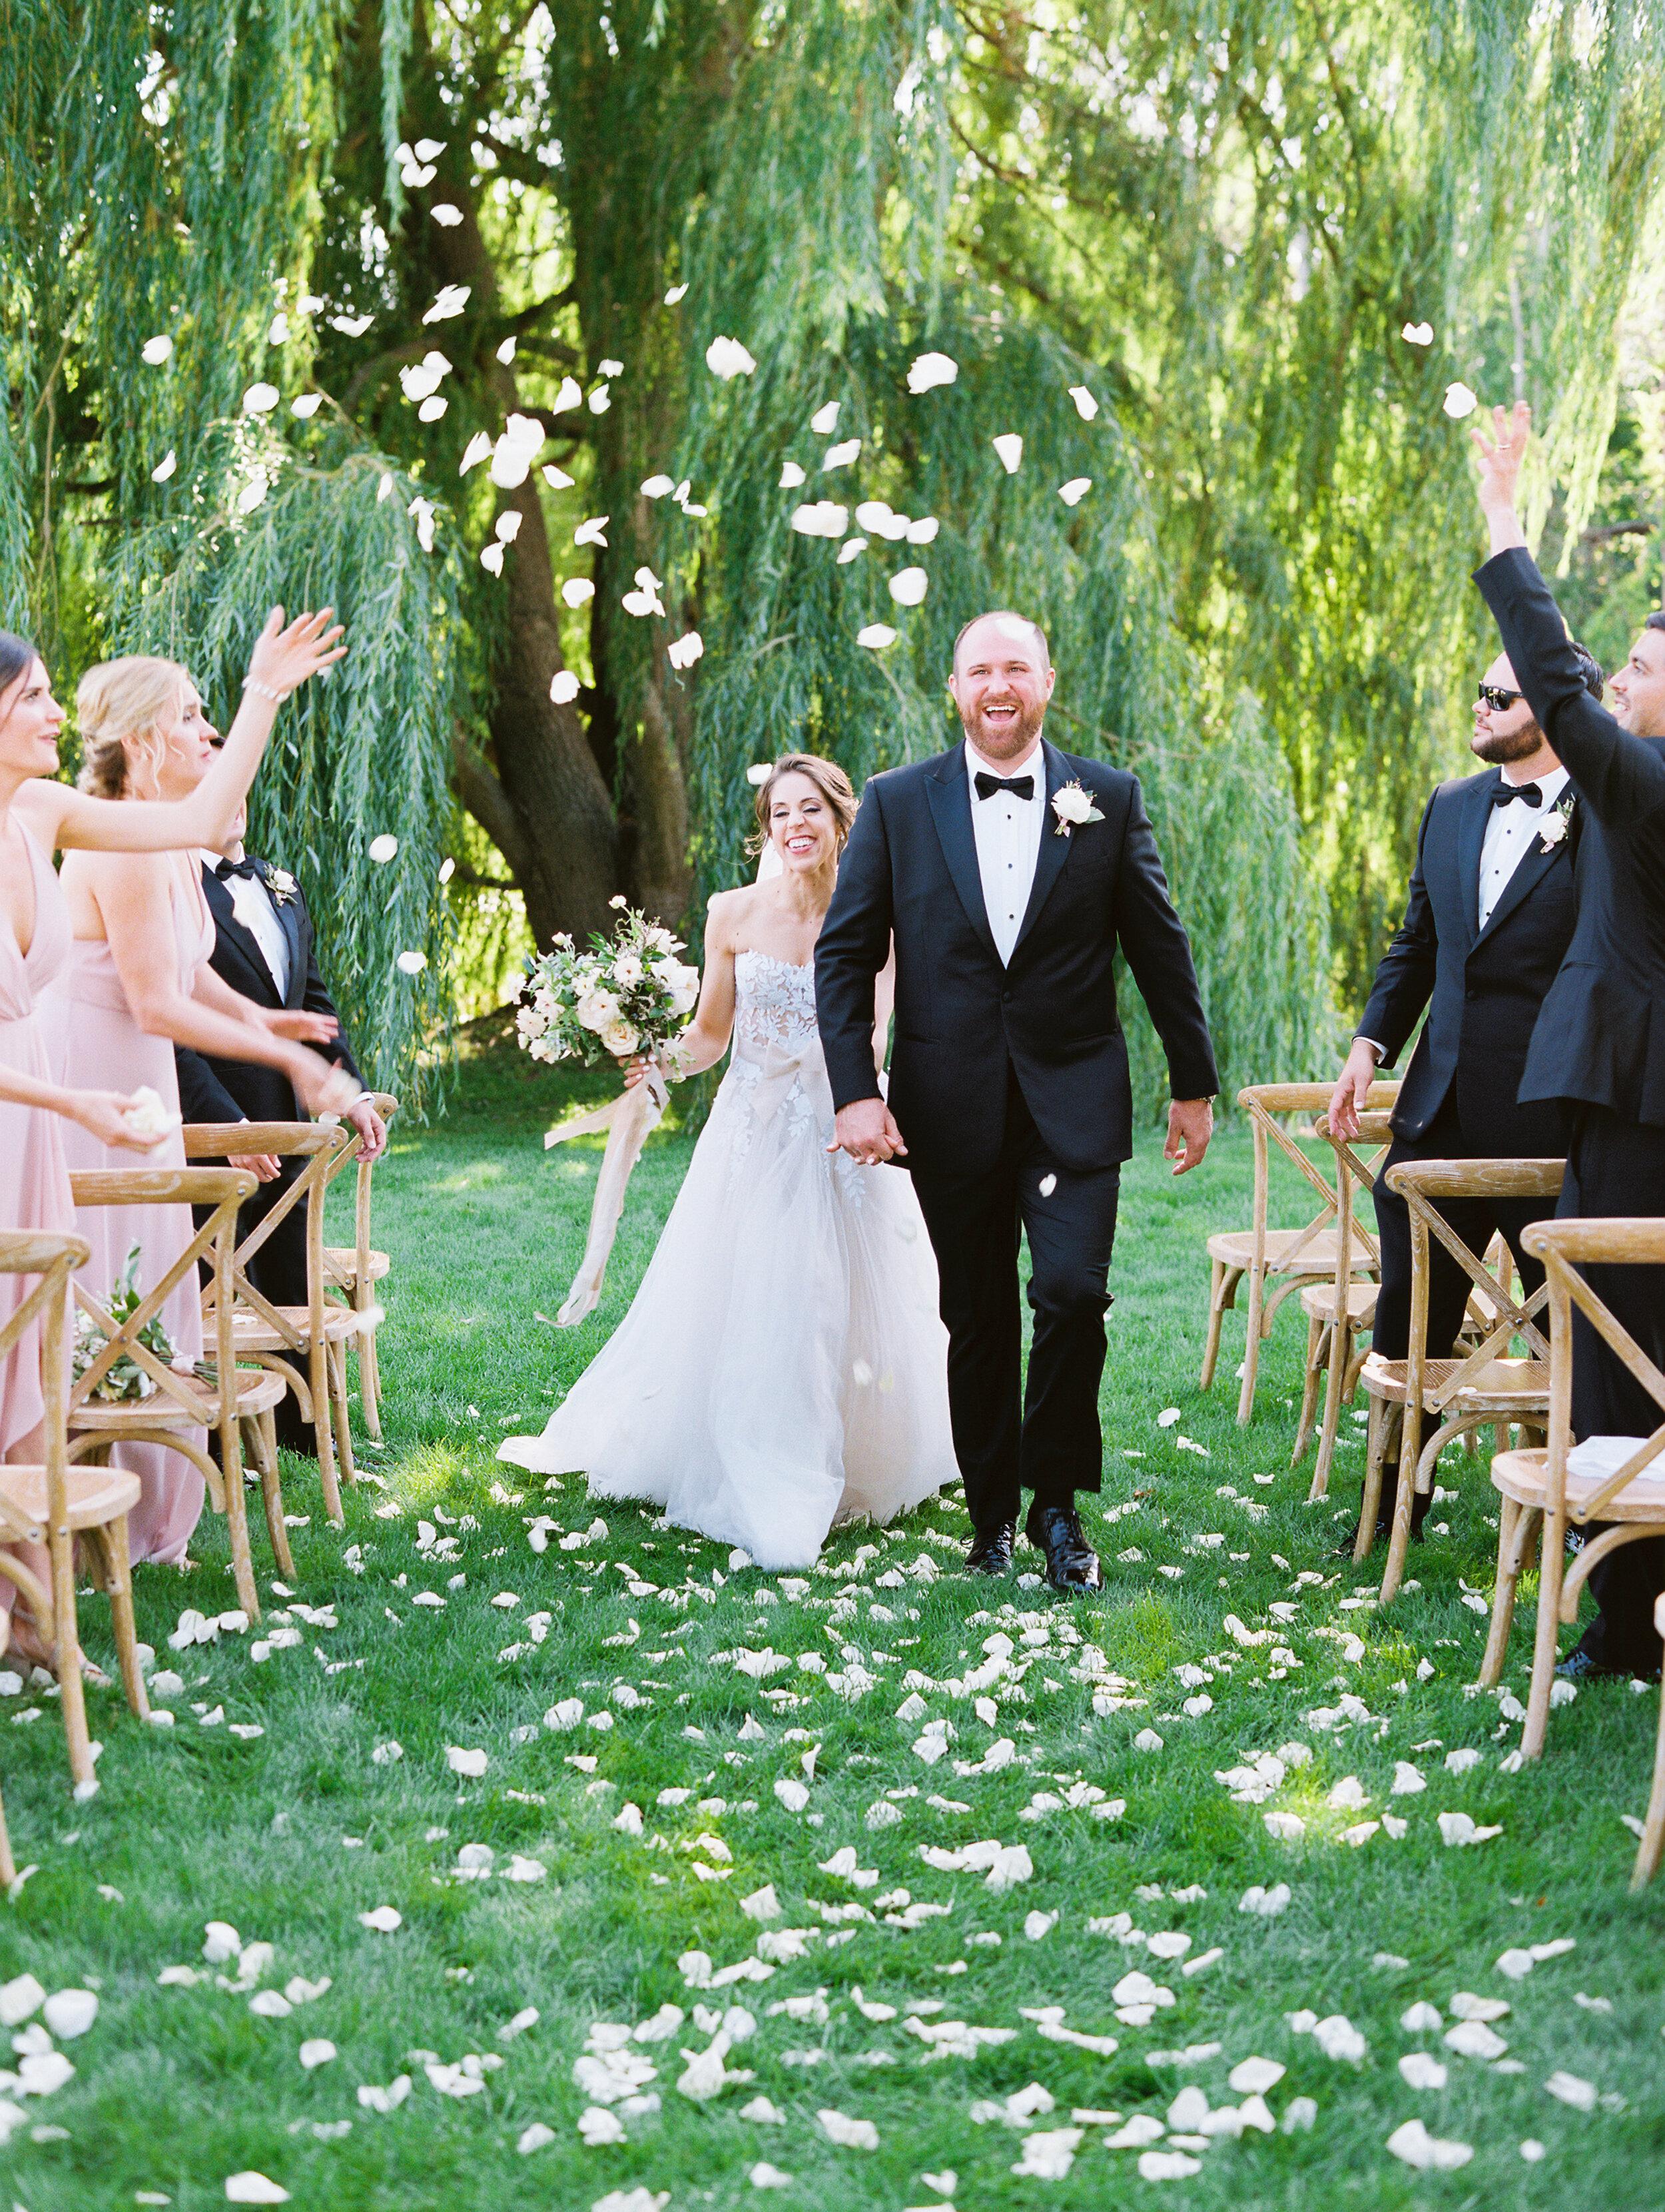 Steinlage+Wedding+Ceremony-274.jpg